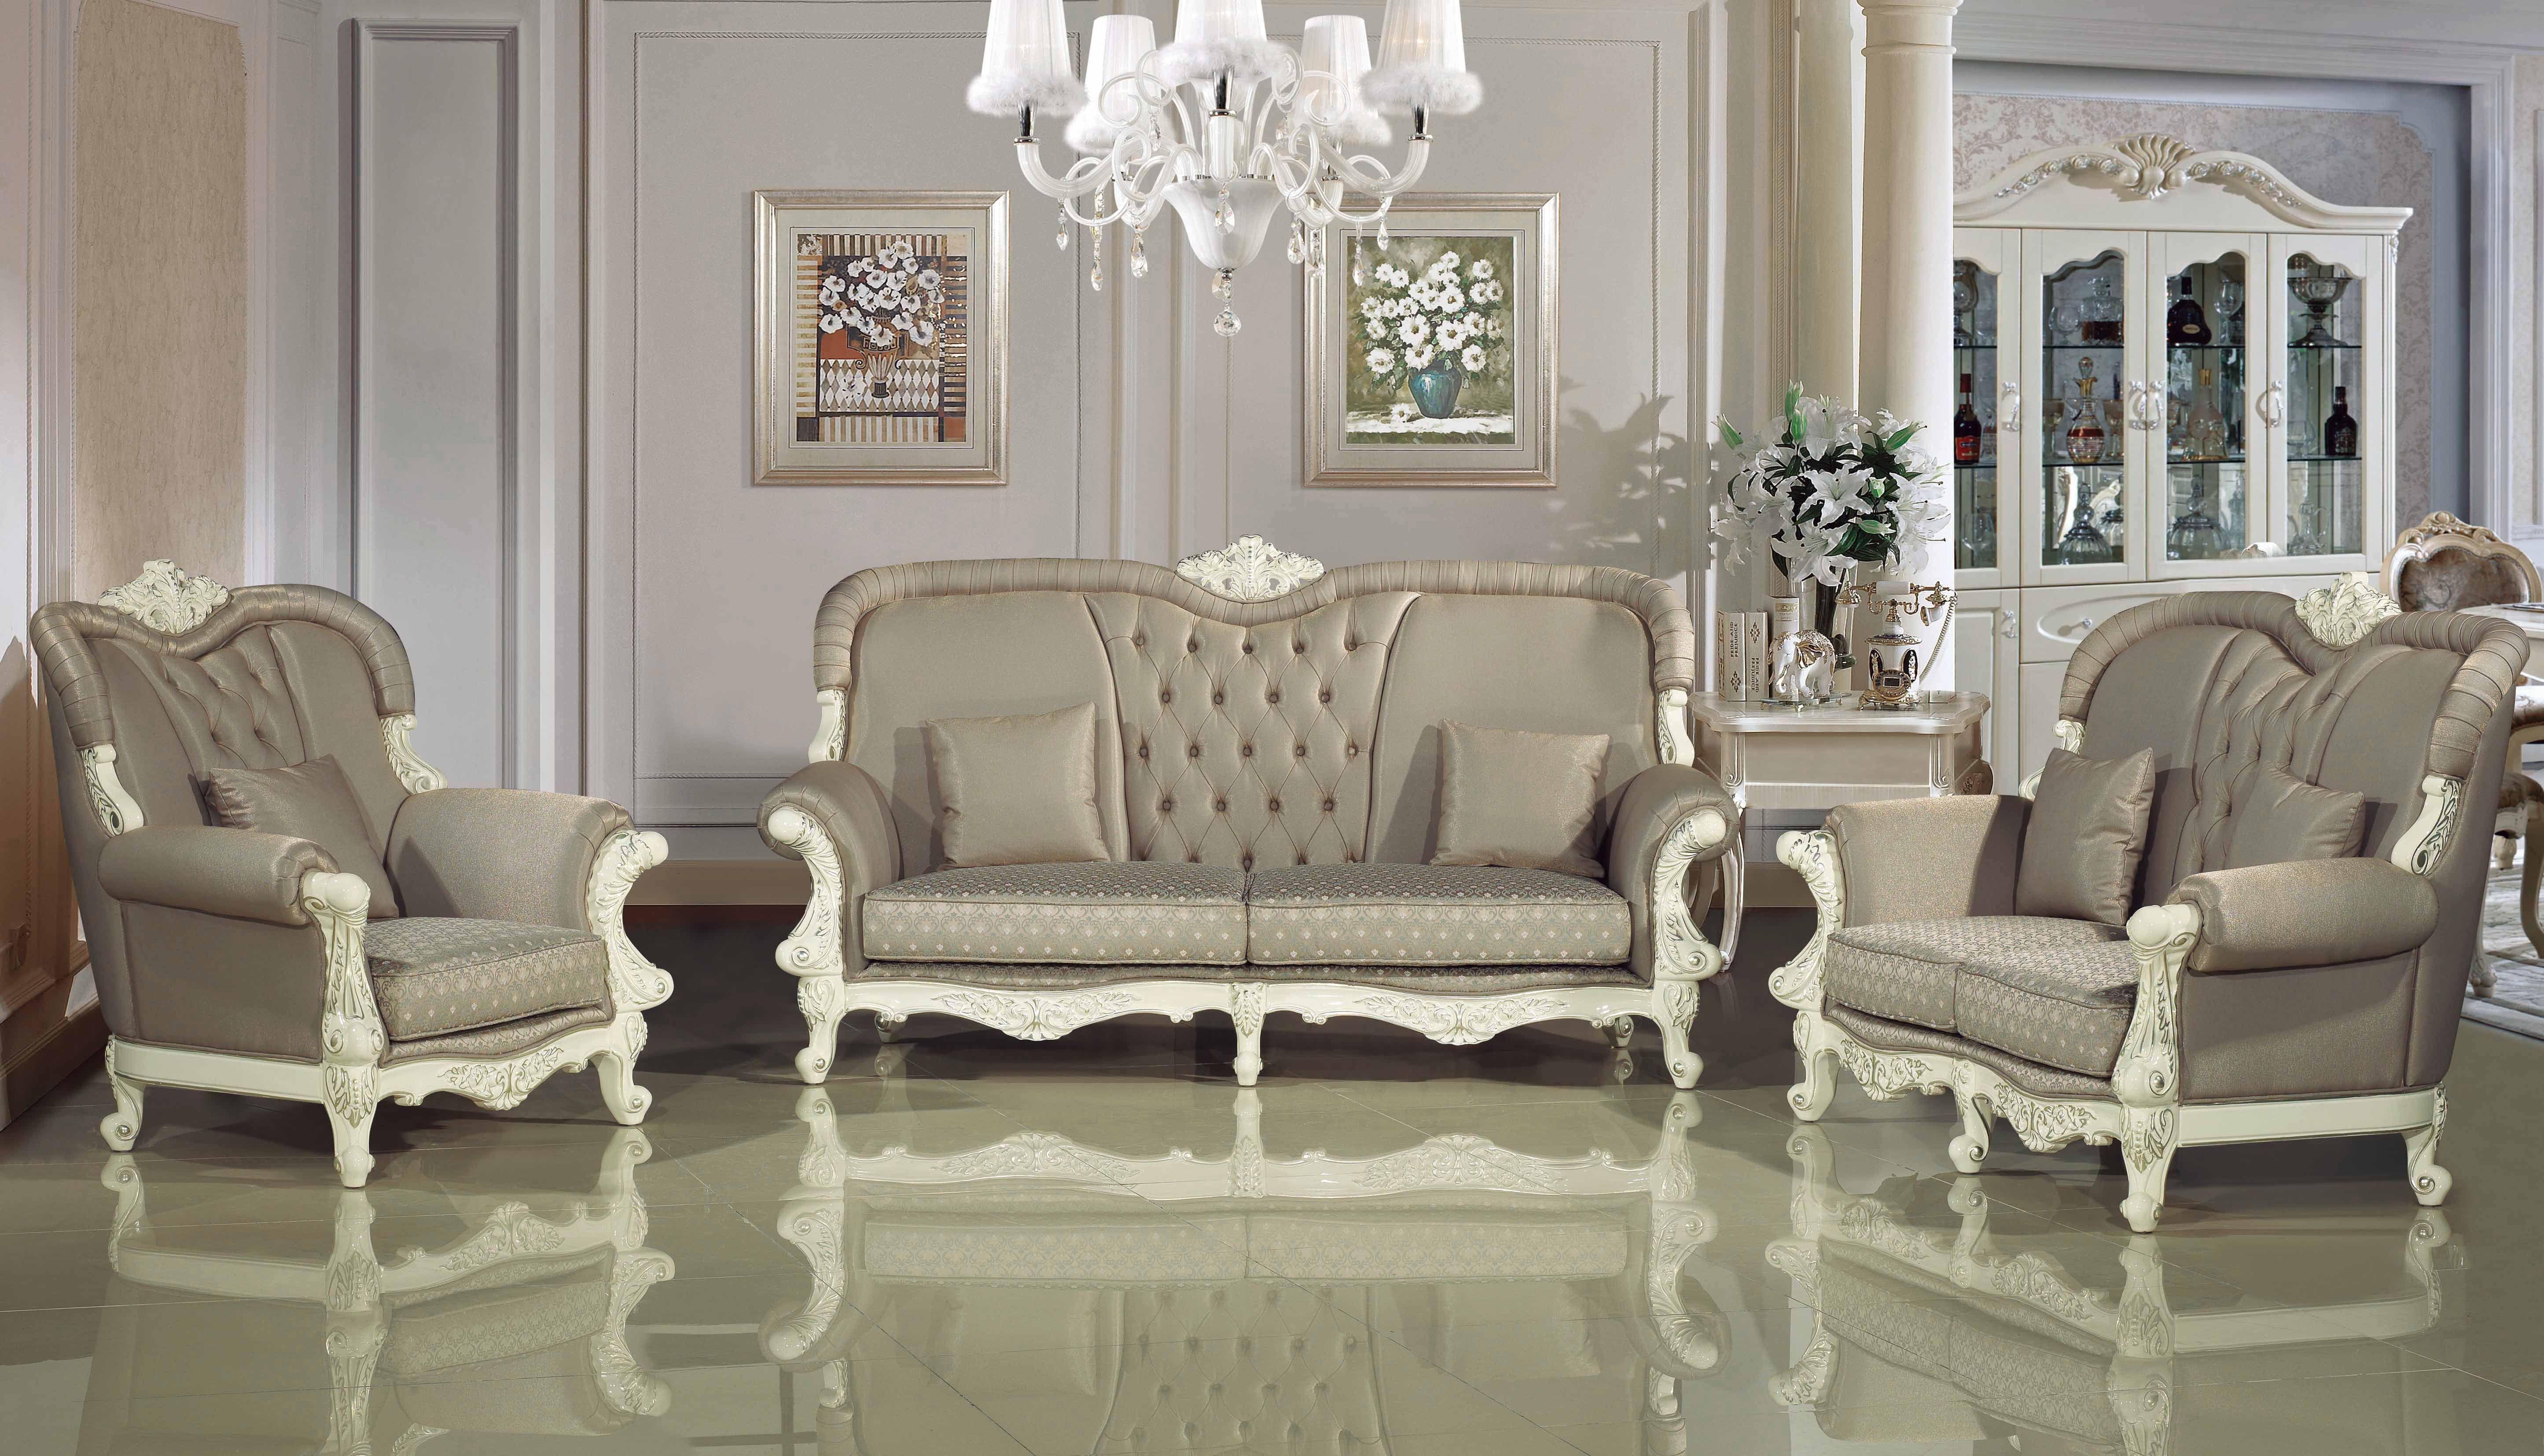 latest sofa designs for living room%0A Explore White Sofa Design  Living Room Wallpaper and more